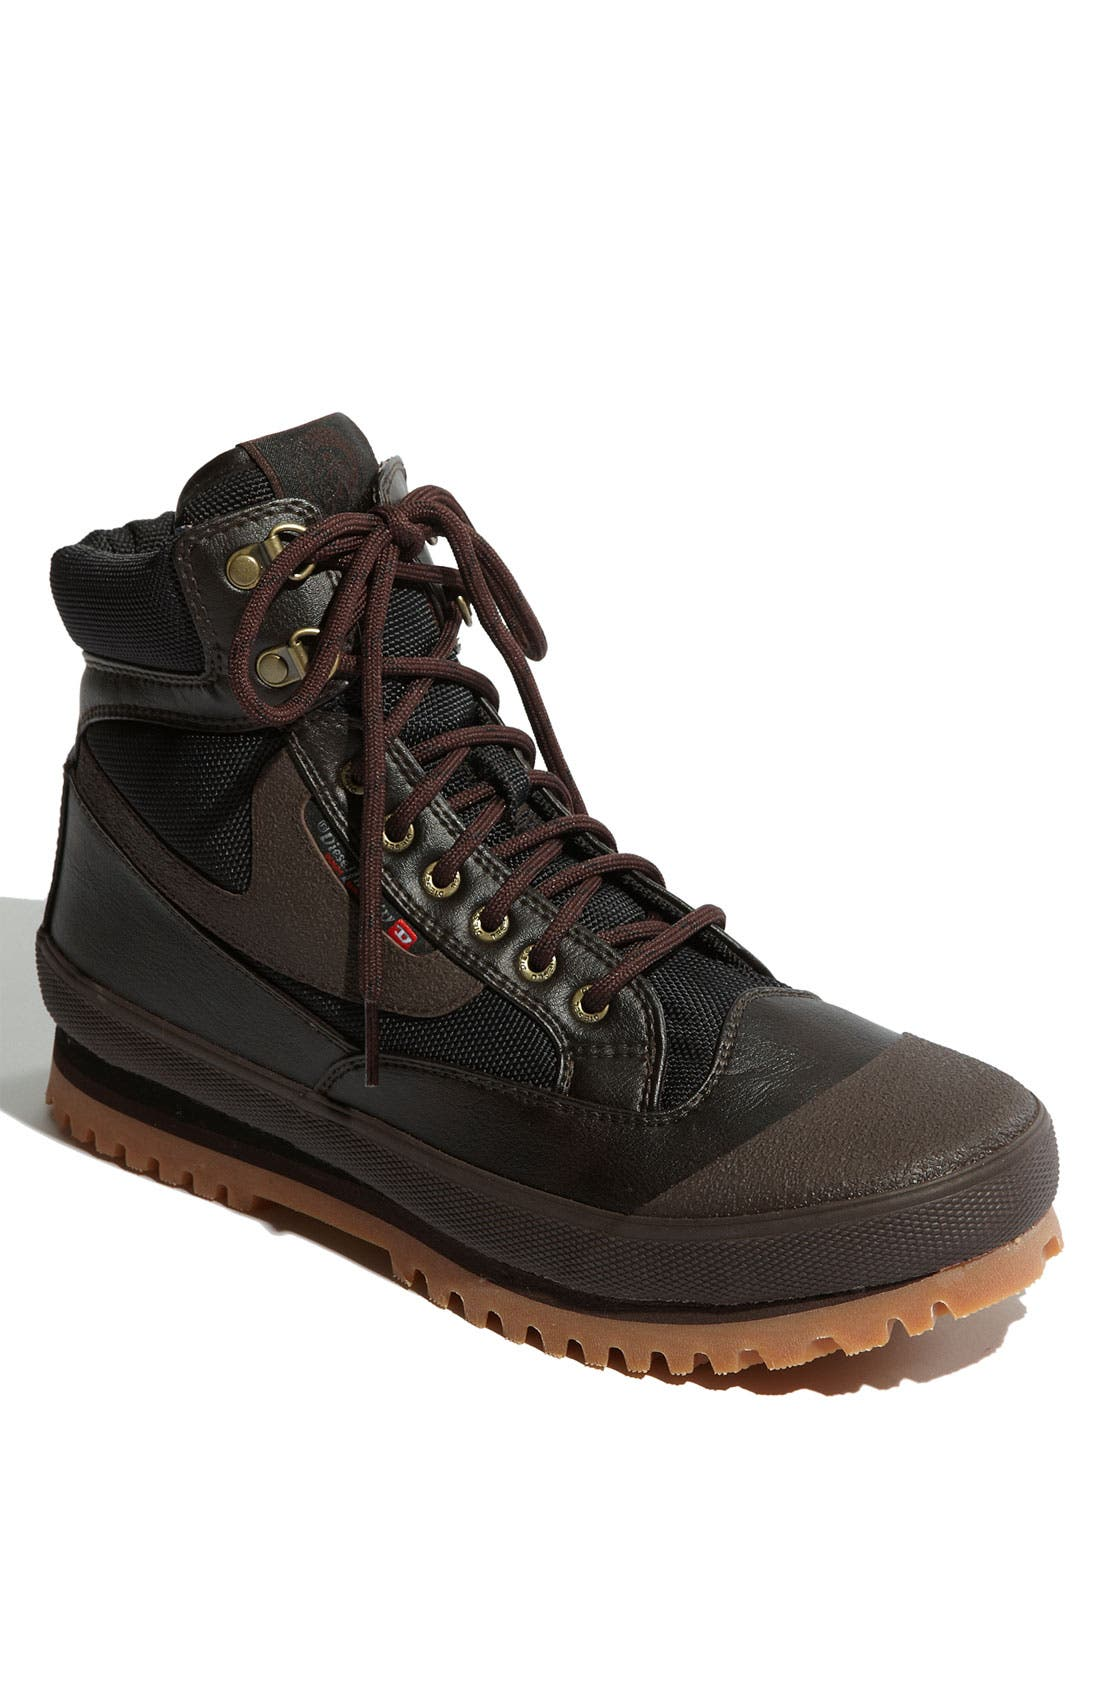 Alternate Image 1 Selected - DIESEL® 'Olson Village' Boot